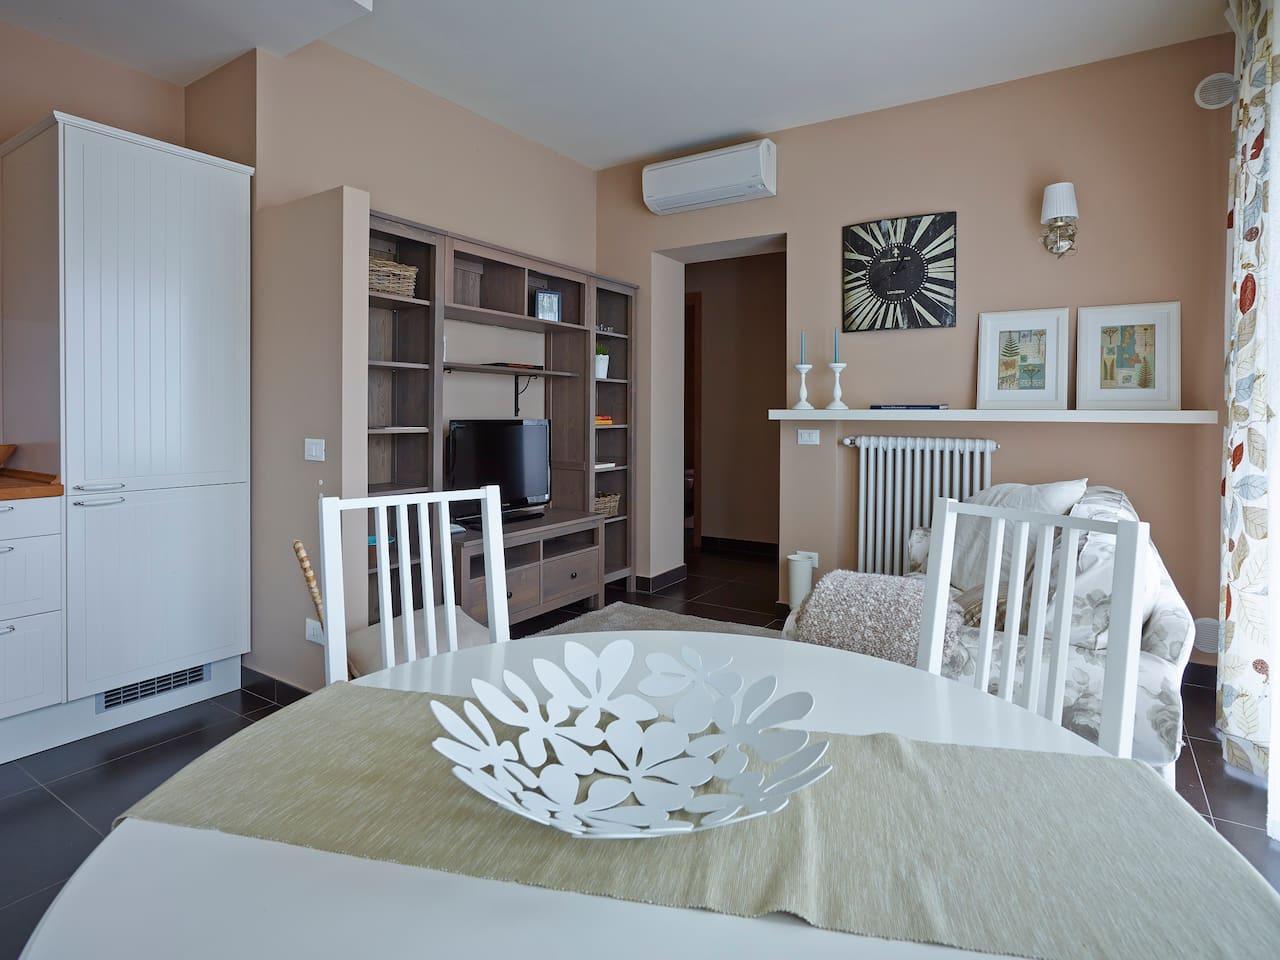 """Luminosità e raffinatezza caratterizzano l'appartamento """"Riso Amaro"""", che nei suoi 52mq racchiude la vera essenza di casa."""